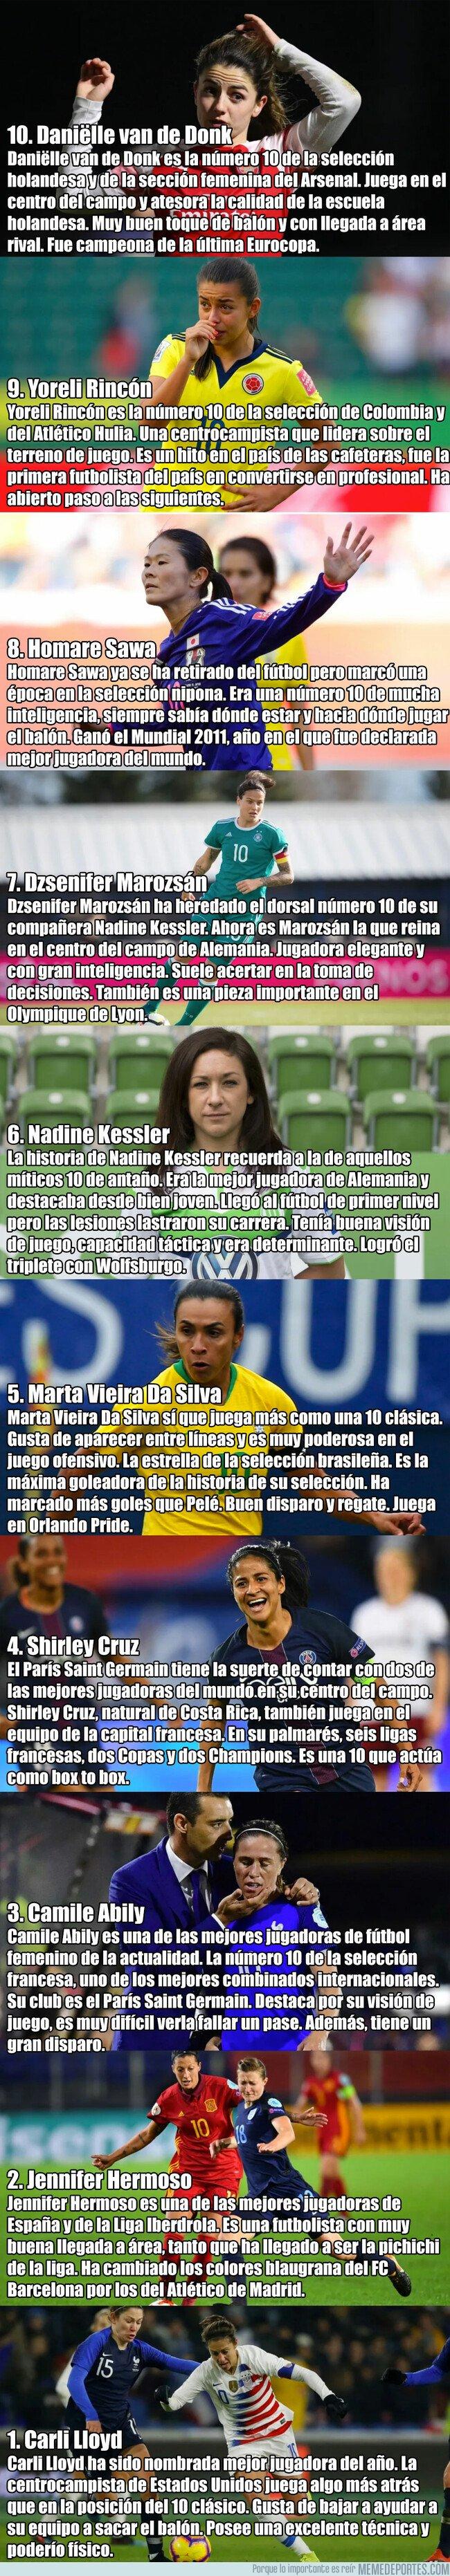 1069093 - Las 10 mejores jugadoras del fútbol femenino